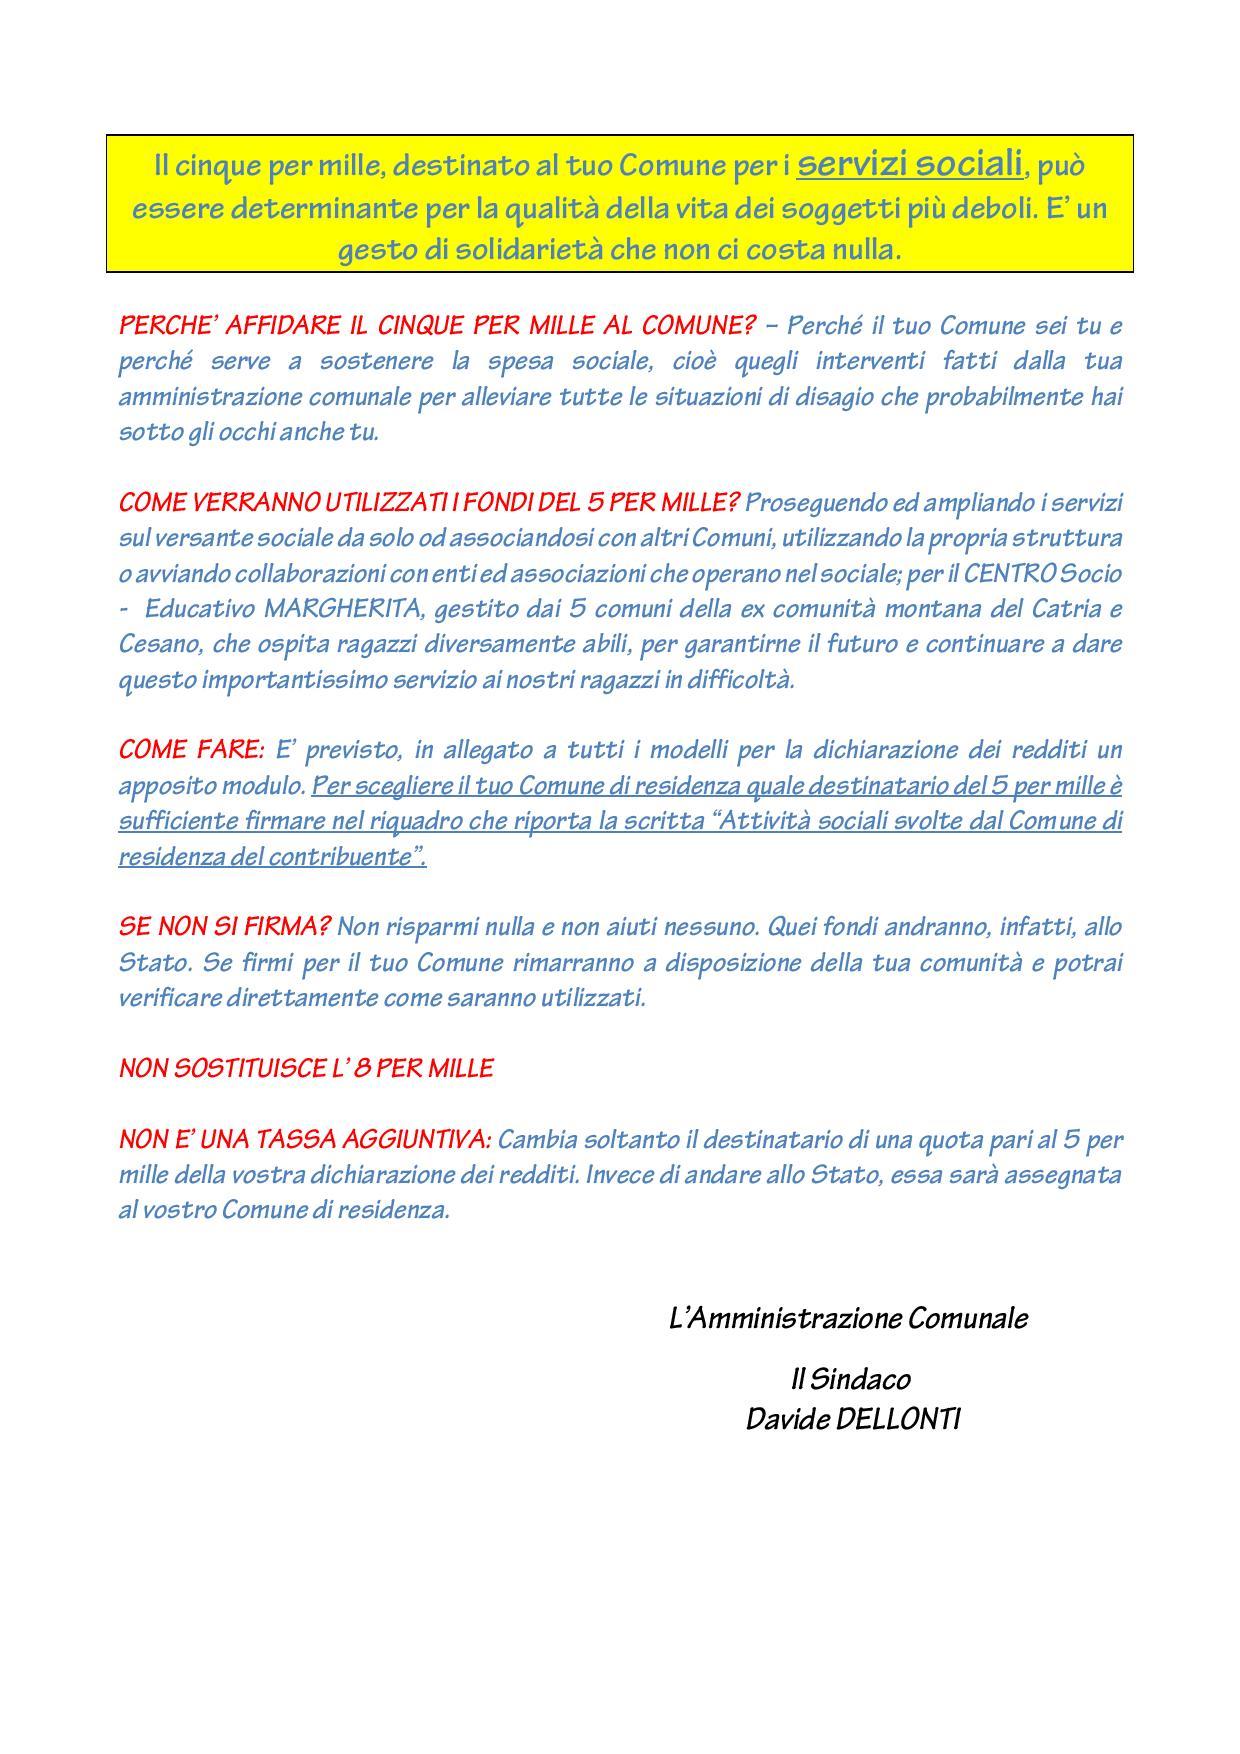 dichiarazione dei redditi pubbliche télécharger de la musique